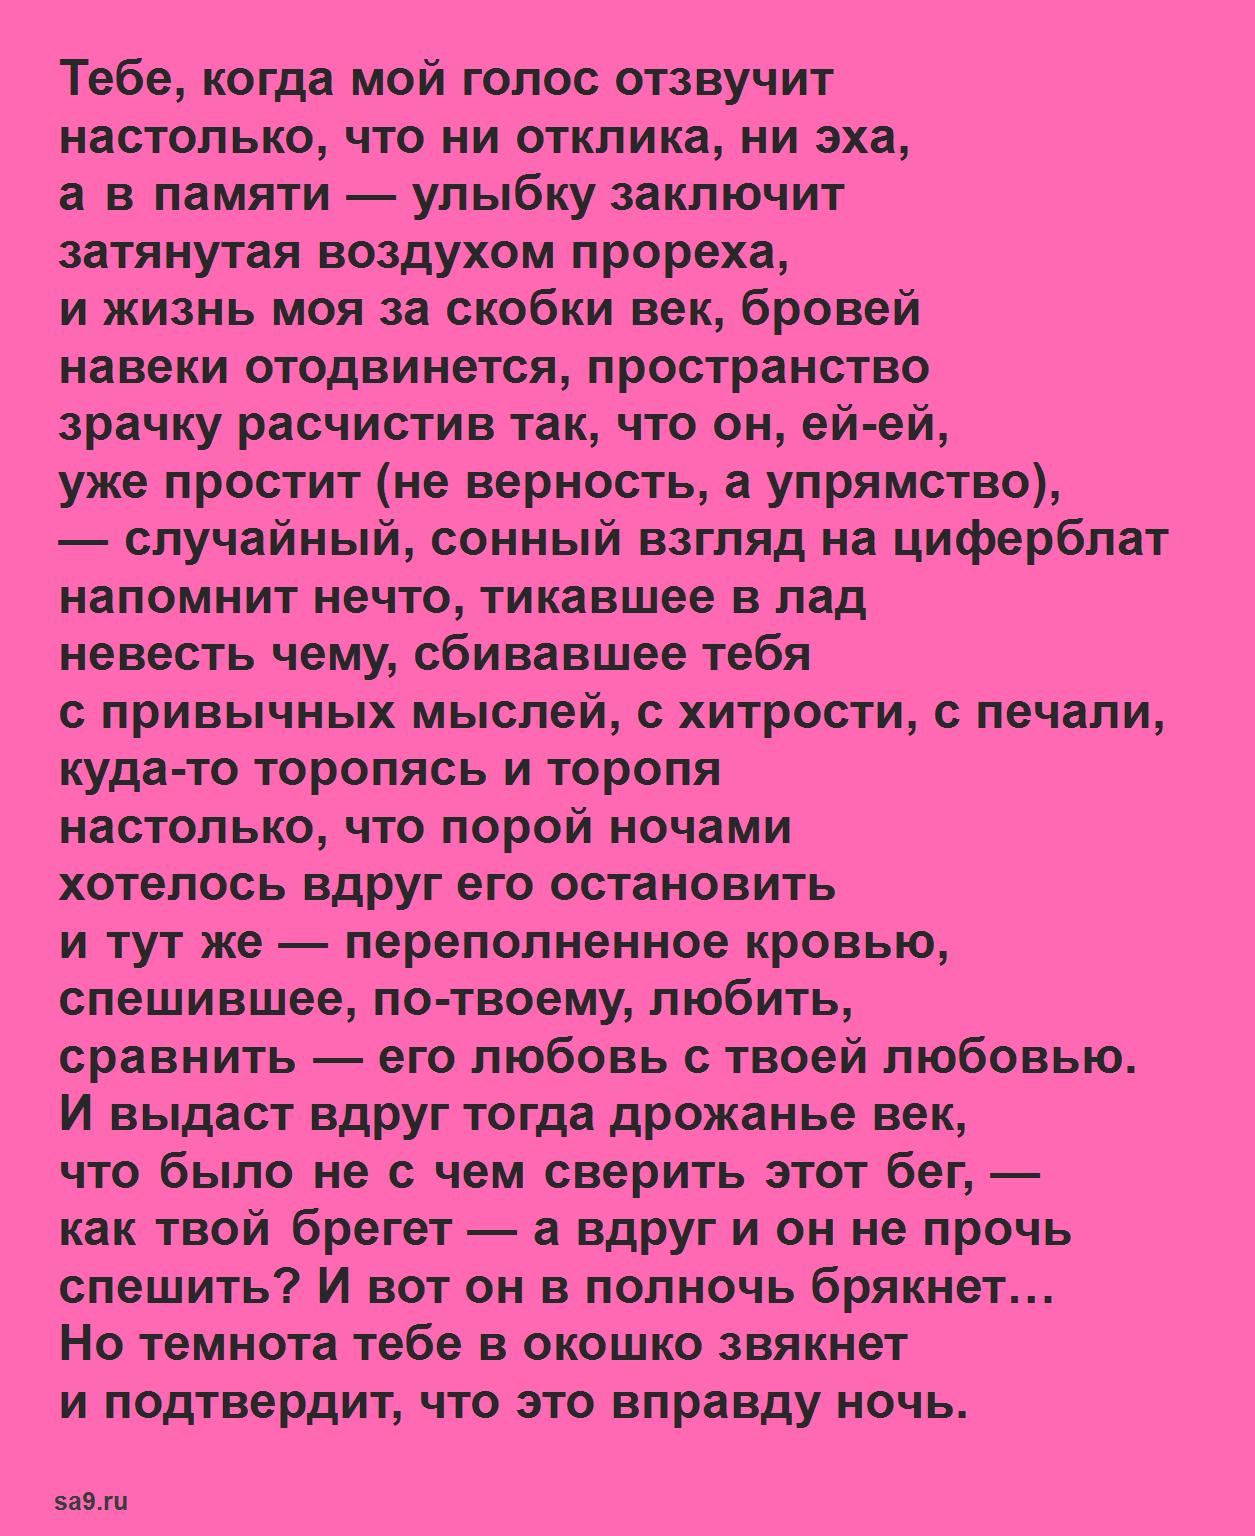 Бродский лучшие стихи о любви - Тебе, когда мой голос отзвучит